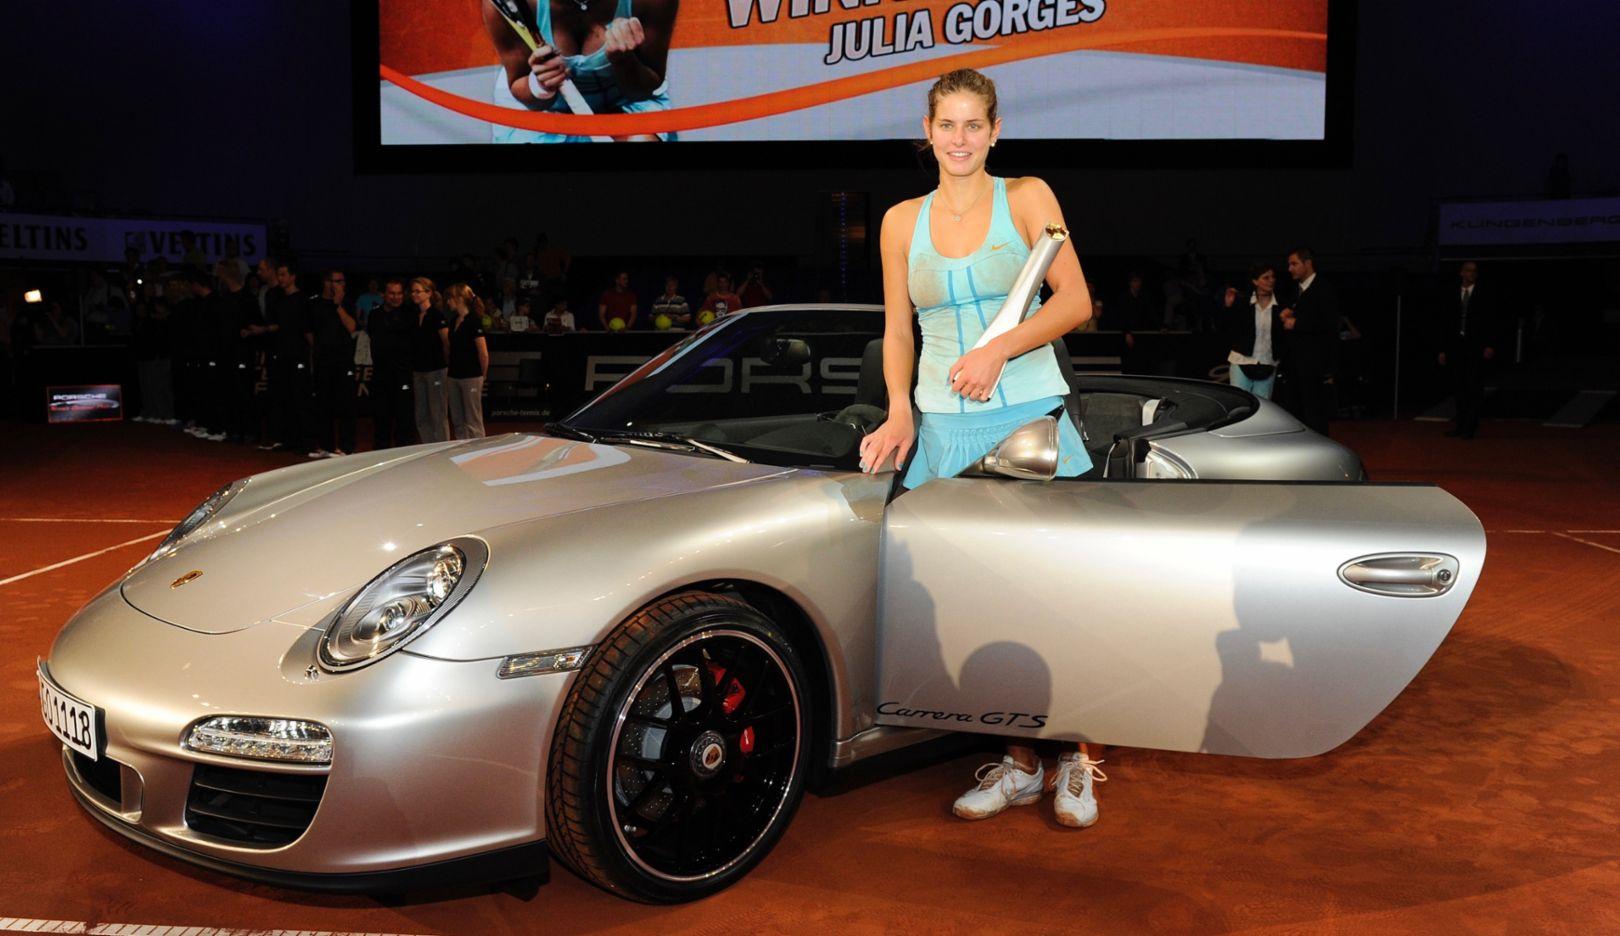 Julia Görges, Porsche-Markenbotschafterin, 911 Carrera GTS Cabriolet, 2017, Porsche AG